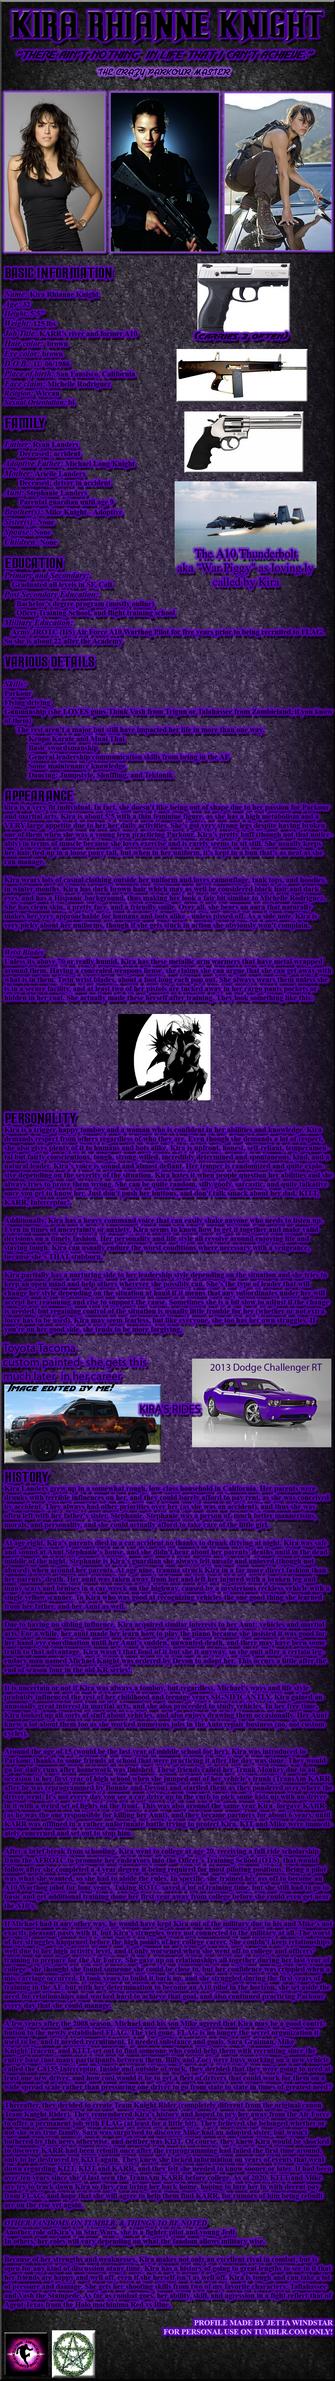 Kira Knight - General/Tumblr bio updated by Jetta-Windstar